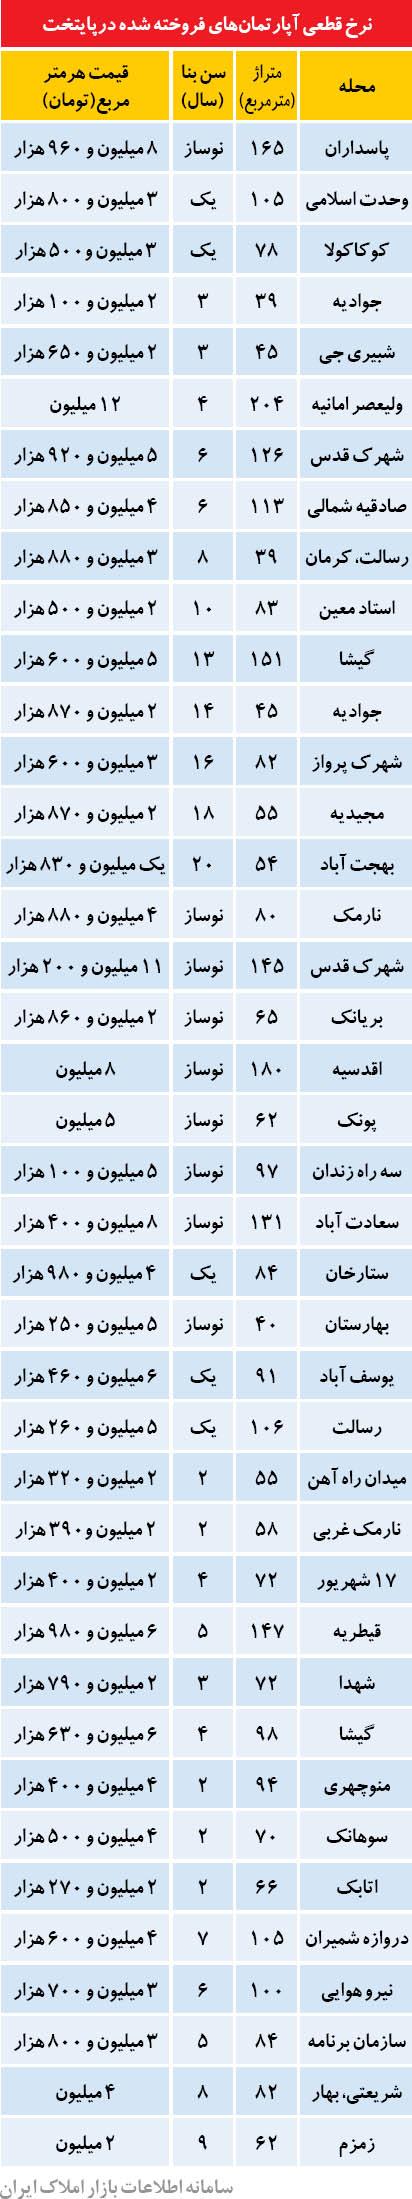 قیمت آپارتمان در تهران (جدول)